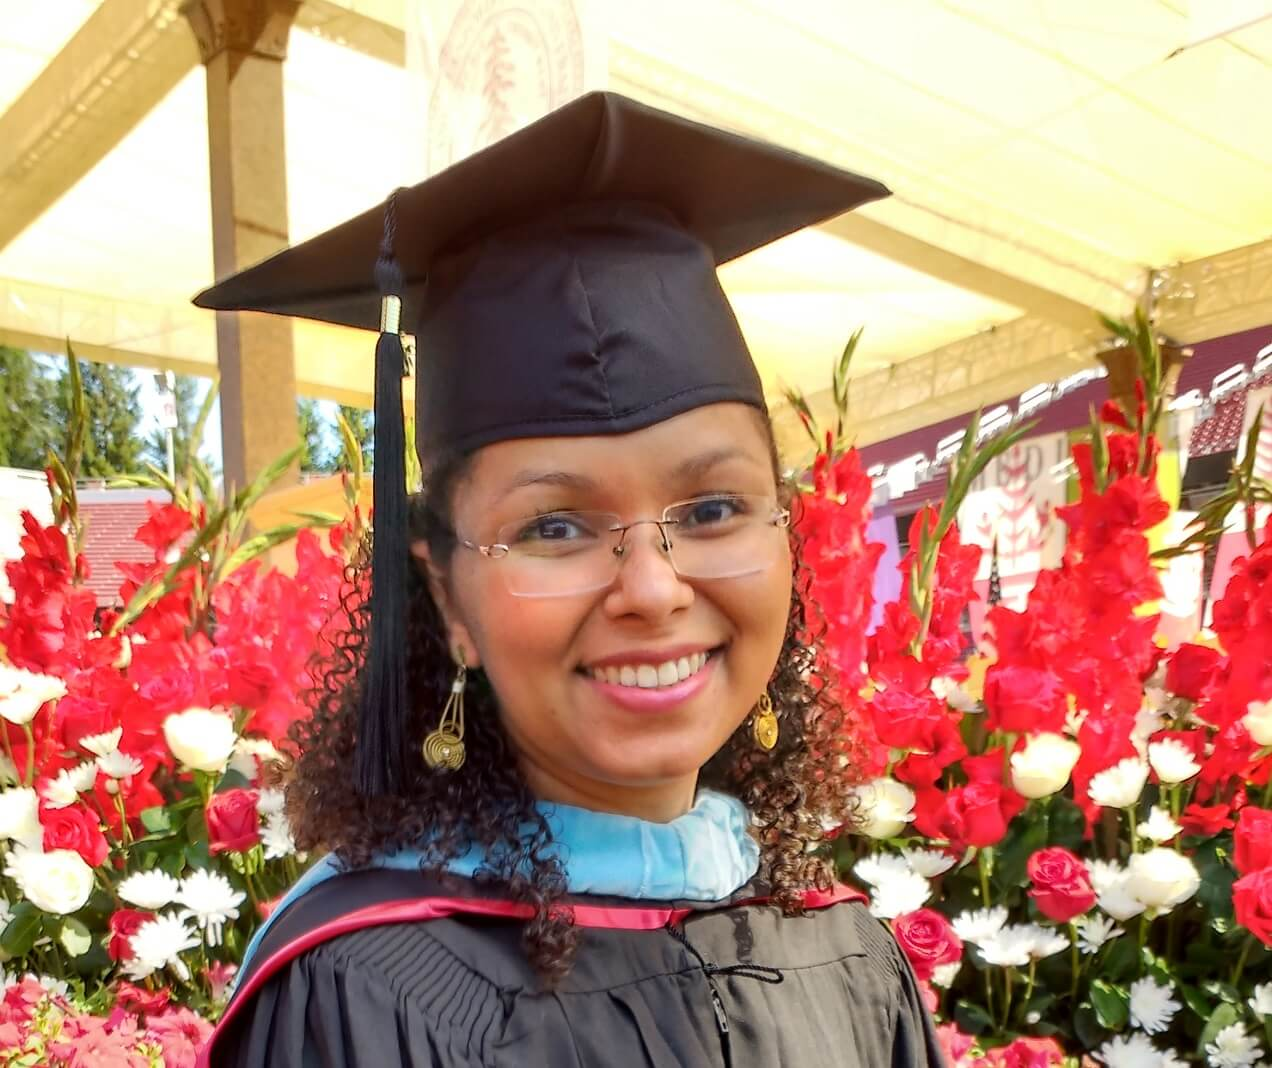 'O potencial da educação em mudar vidas é o que me move'